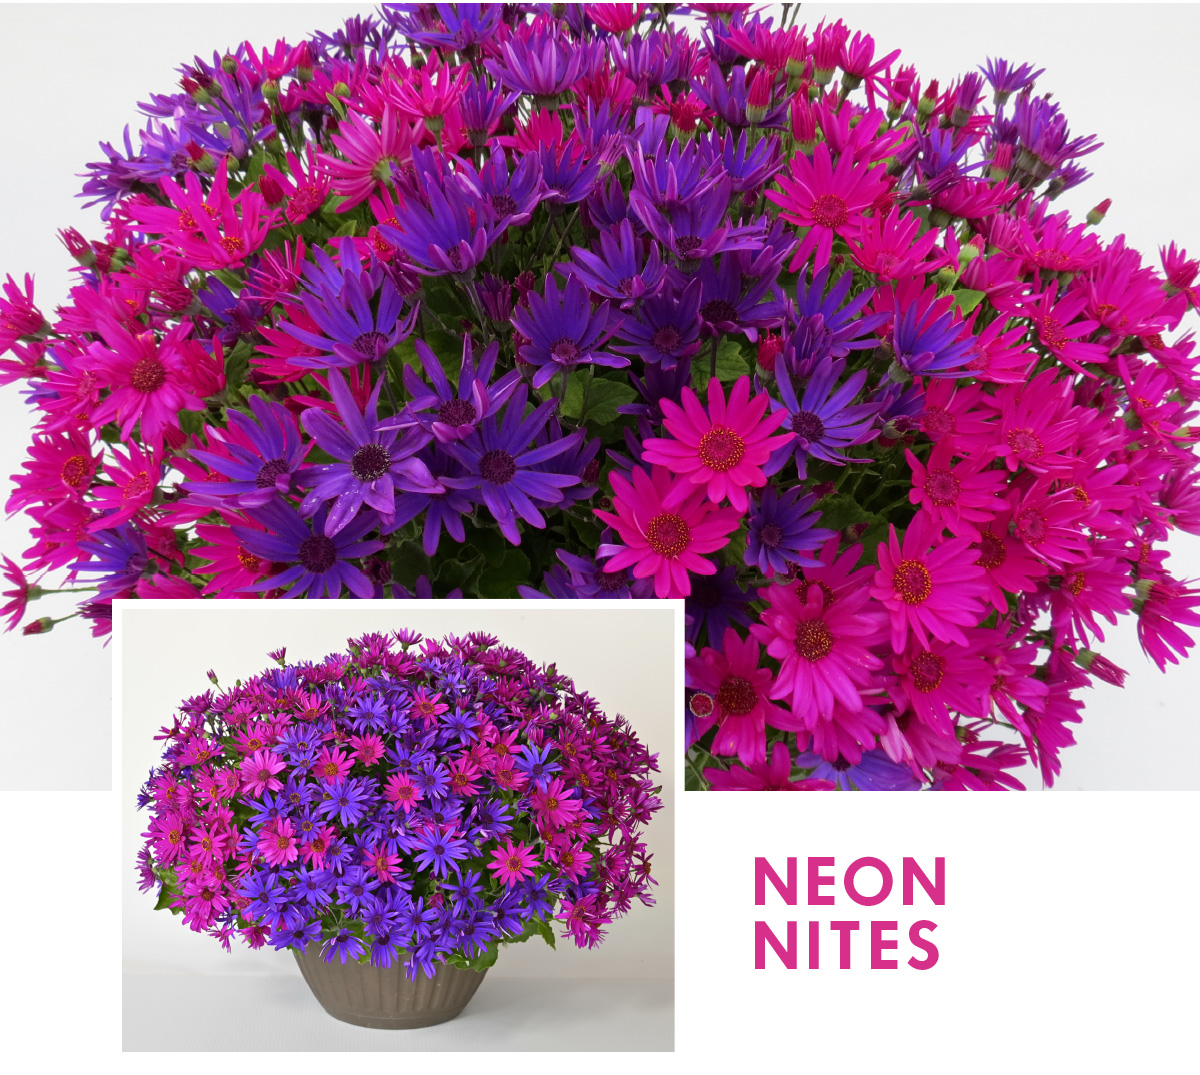 Senetti Neon Nites Mixer